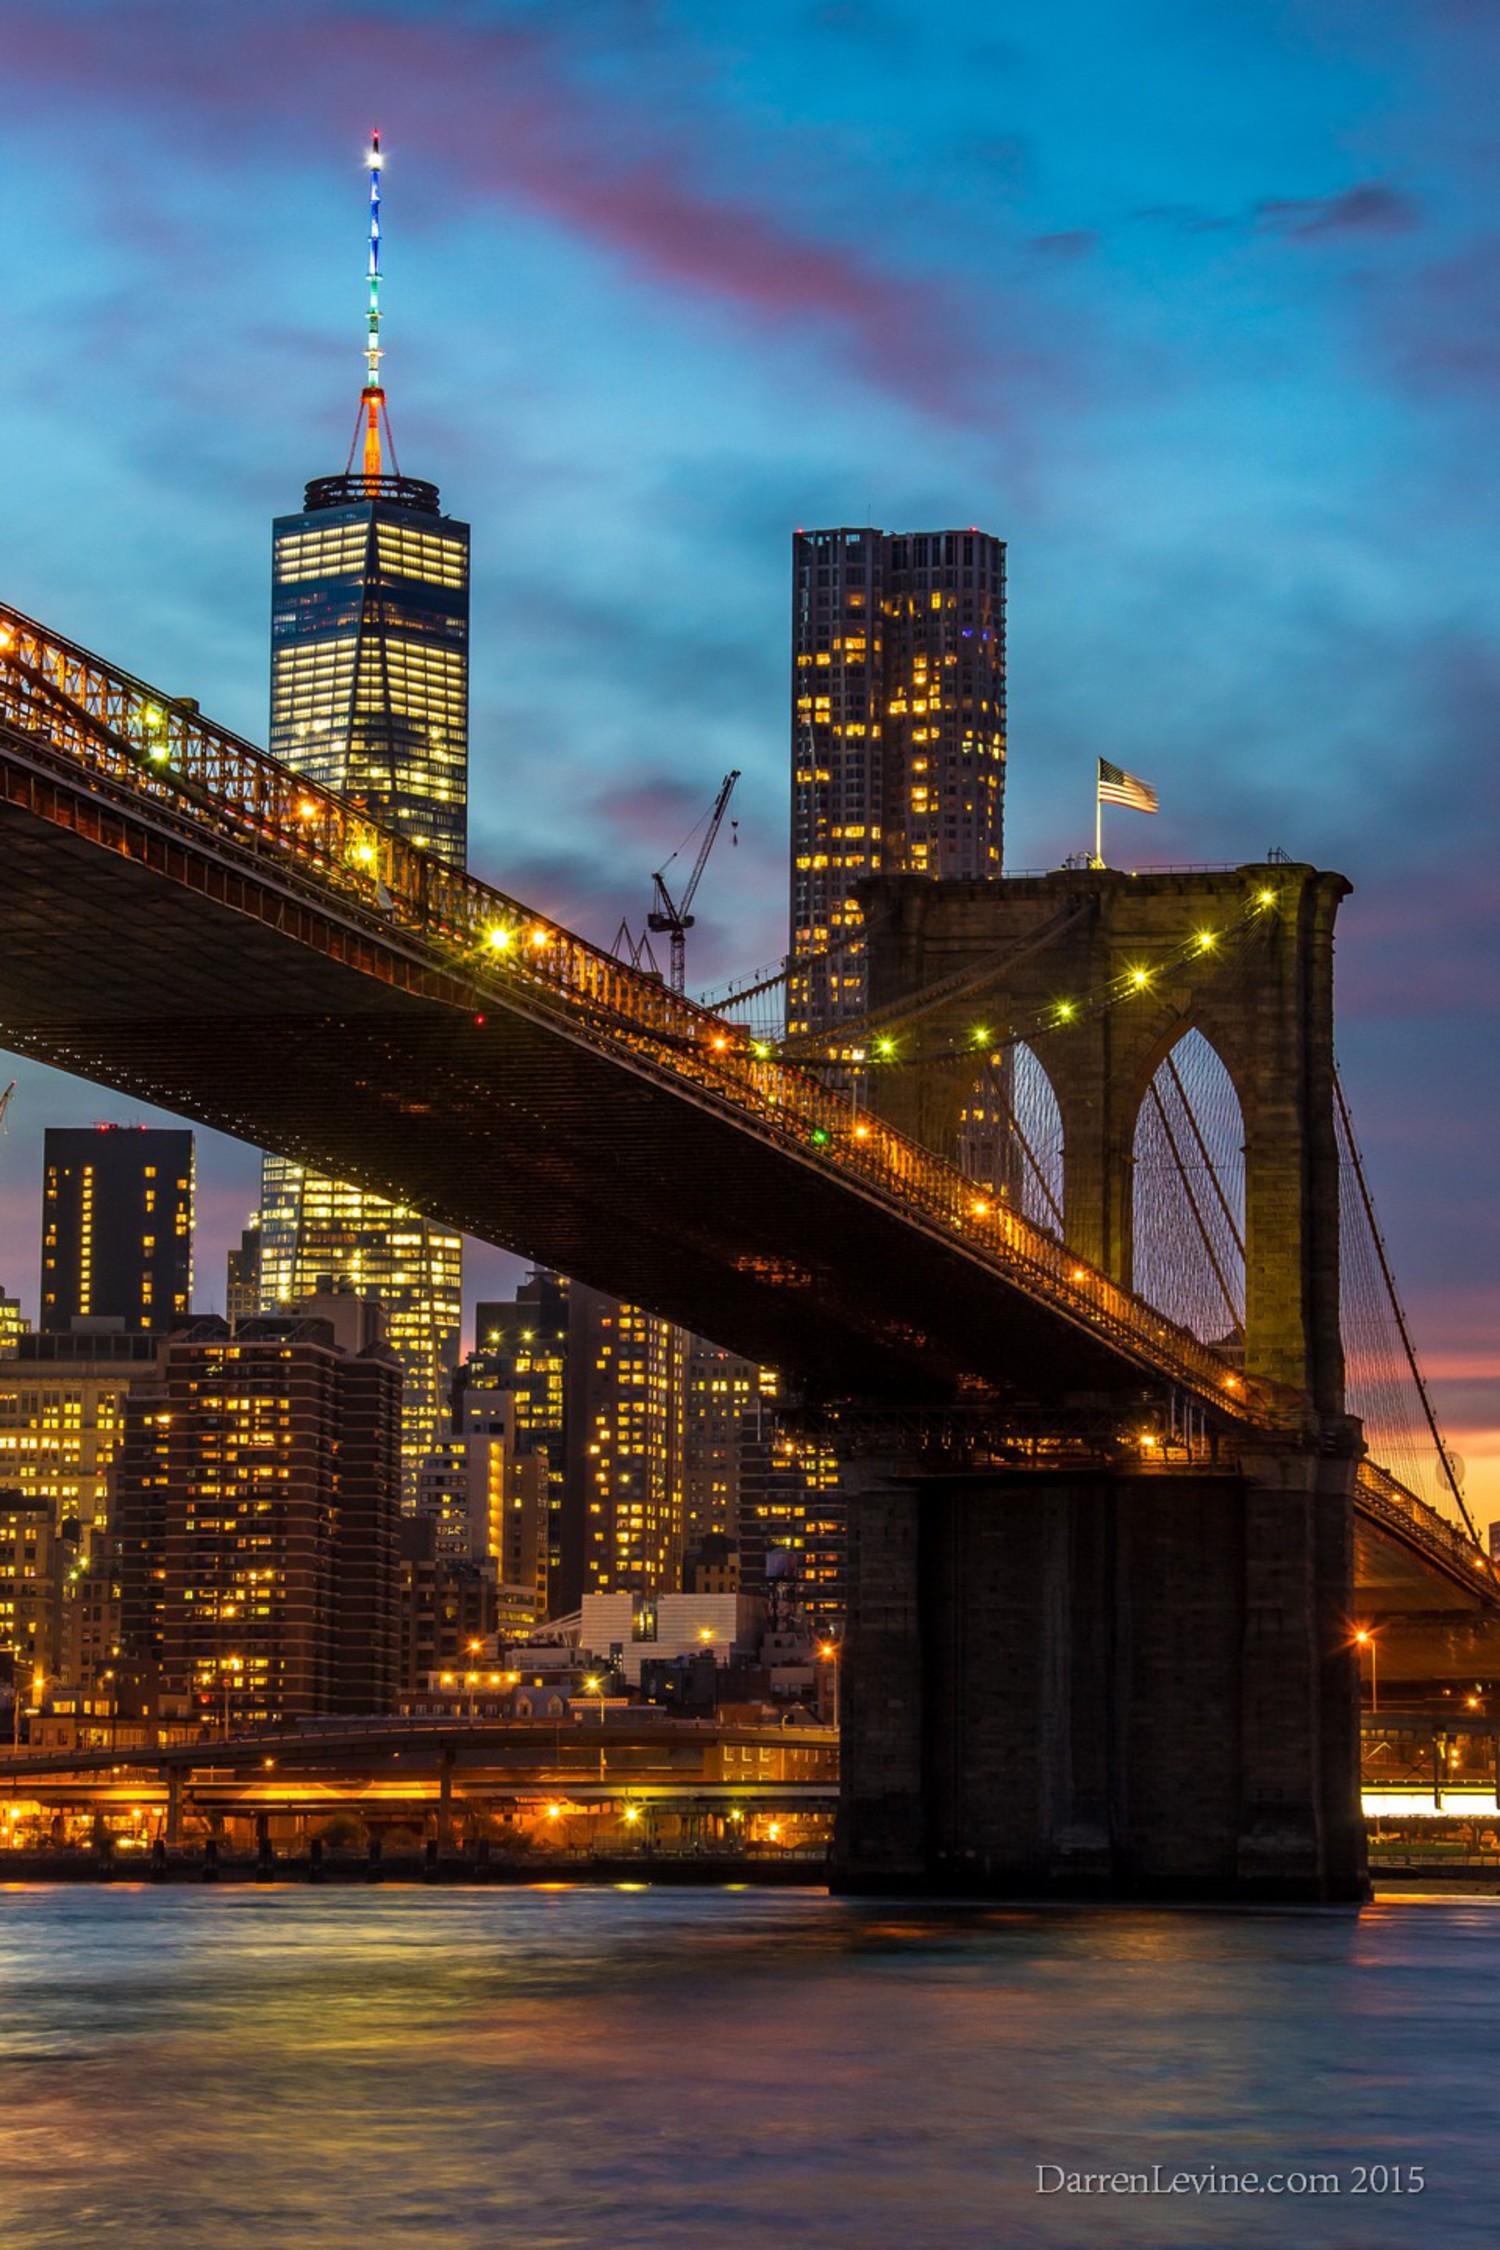 A fine NYC eve